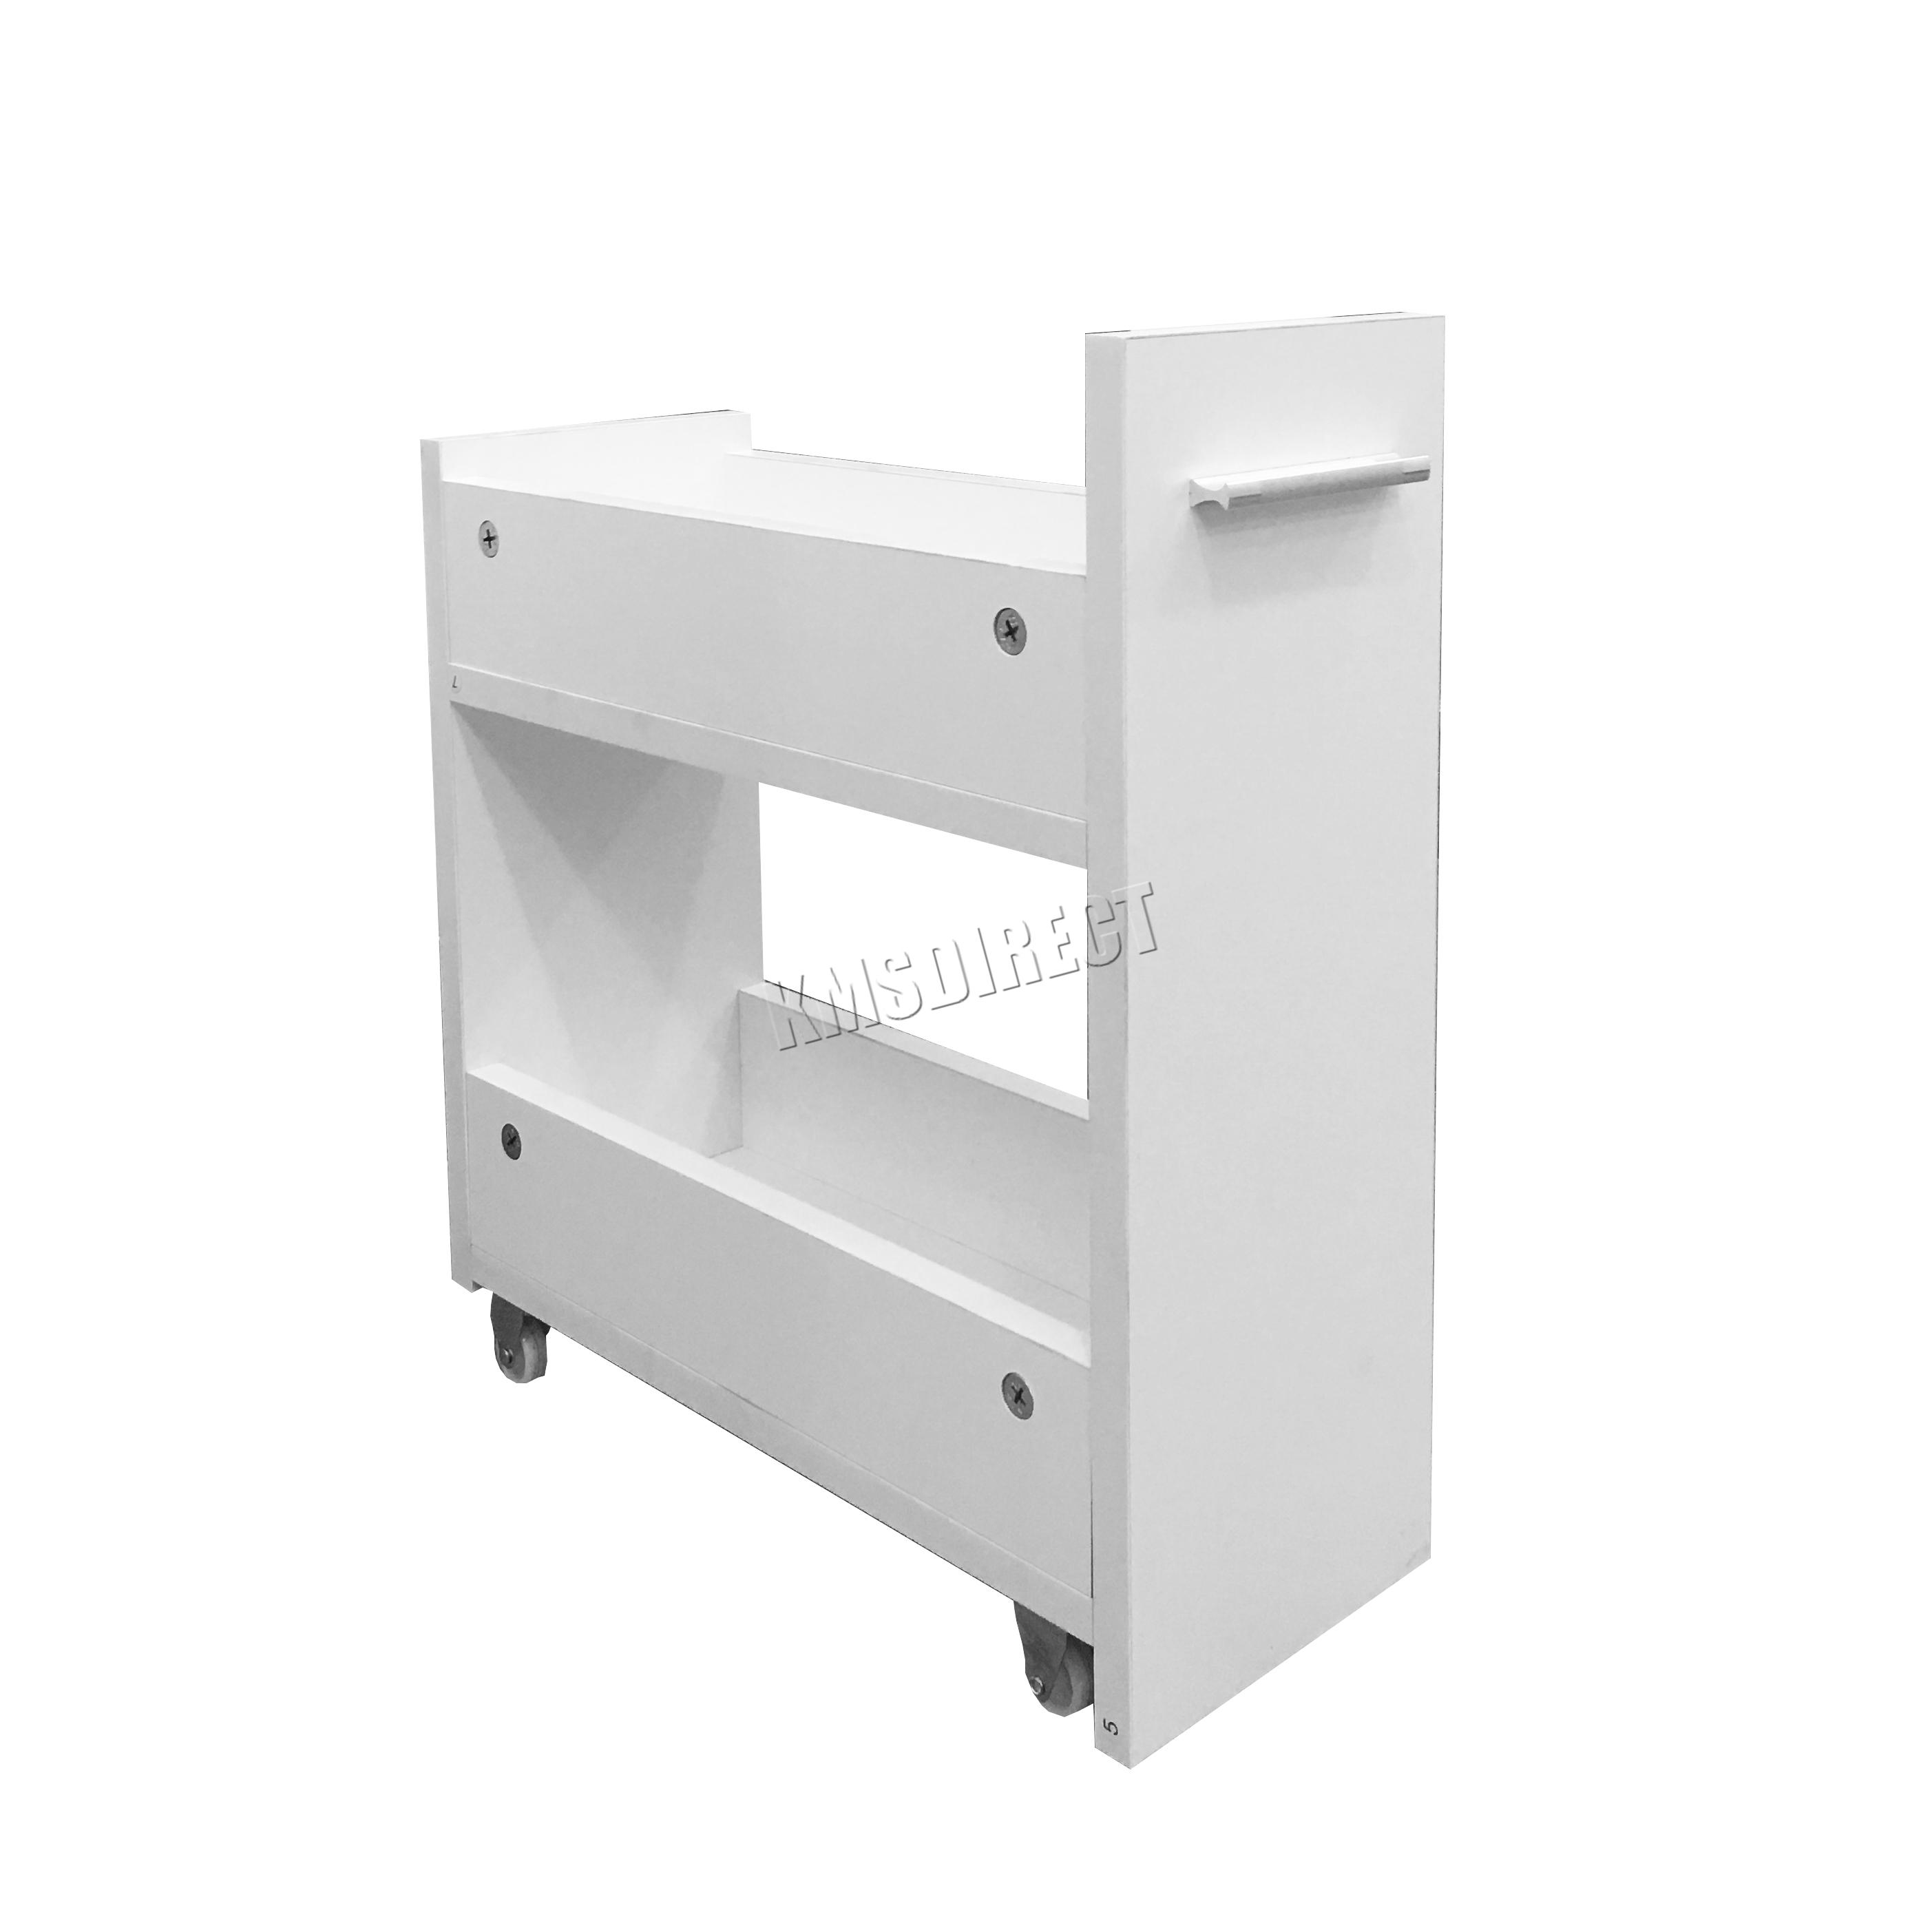 Westwood slimline bathroom slide out storage drawer for Slim bath cabinet